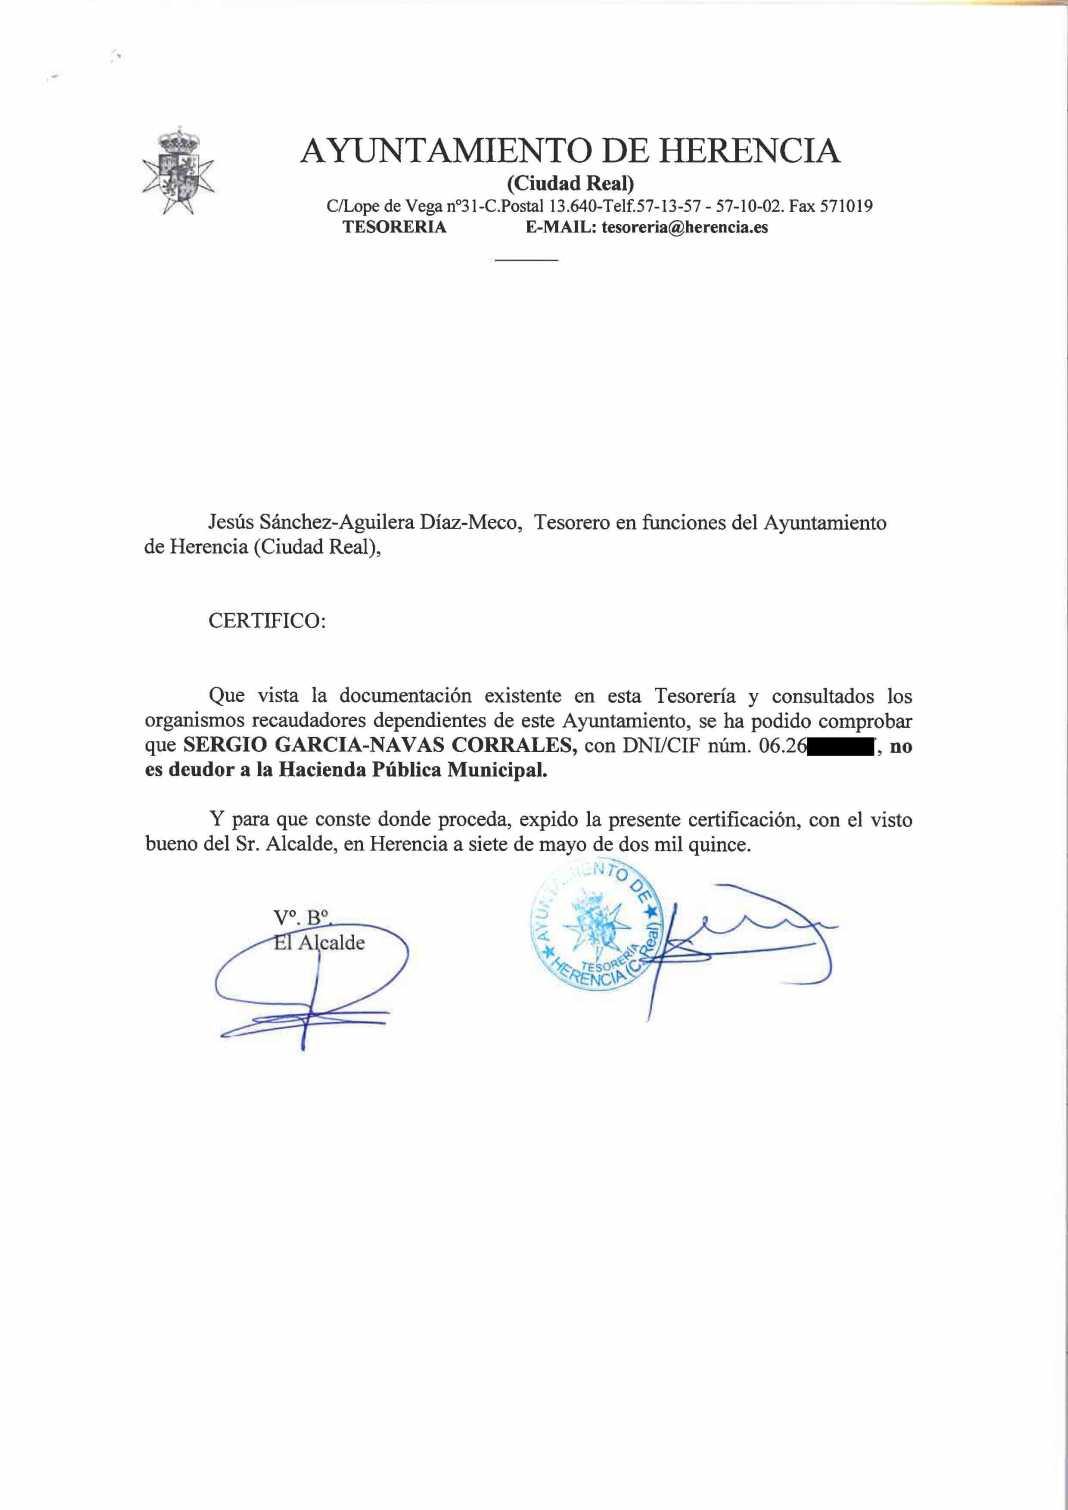 Sergio García Navas Psoe Herencia 1068x1510 - El PSOE de Herencia hace público los documentos que acreditan a sus candidatos como no deudores con el Ayuntamiento de Herencia